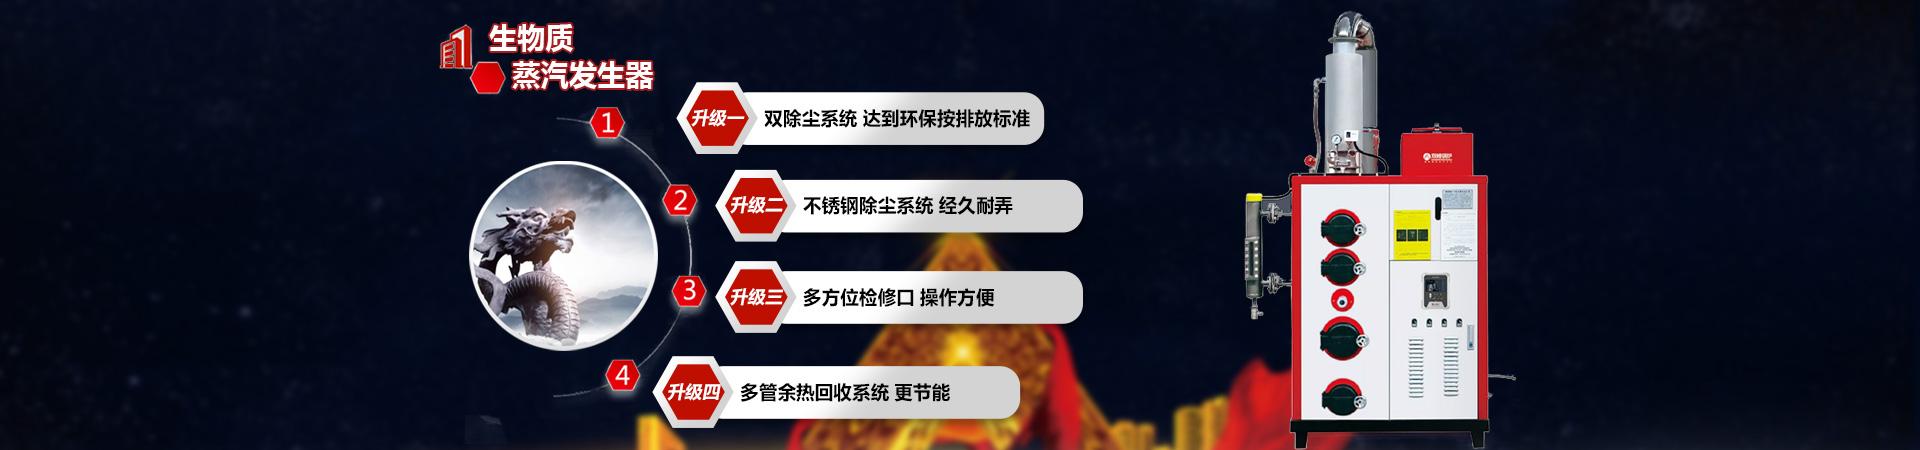 沈阳春信供暖设备有限公司